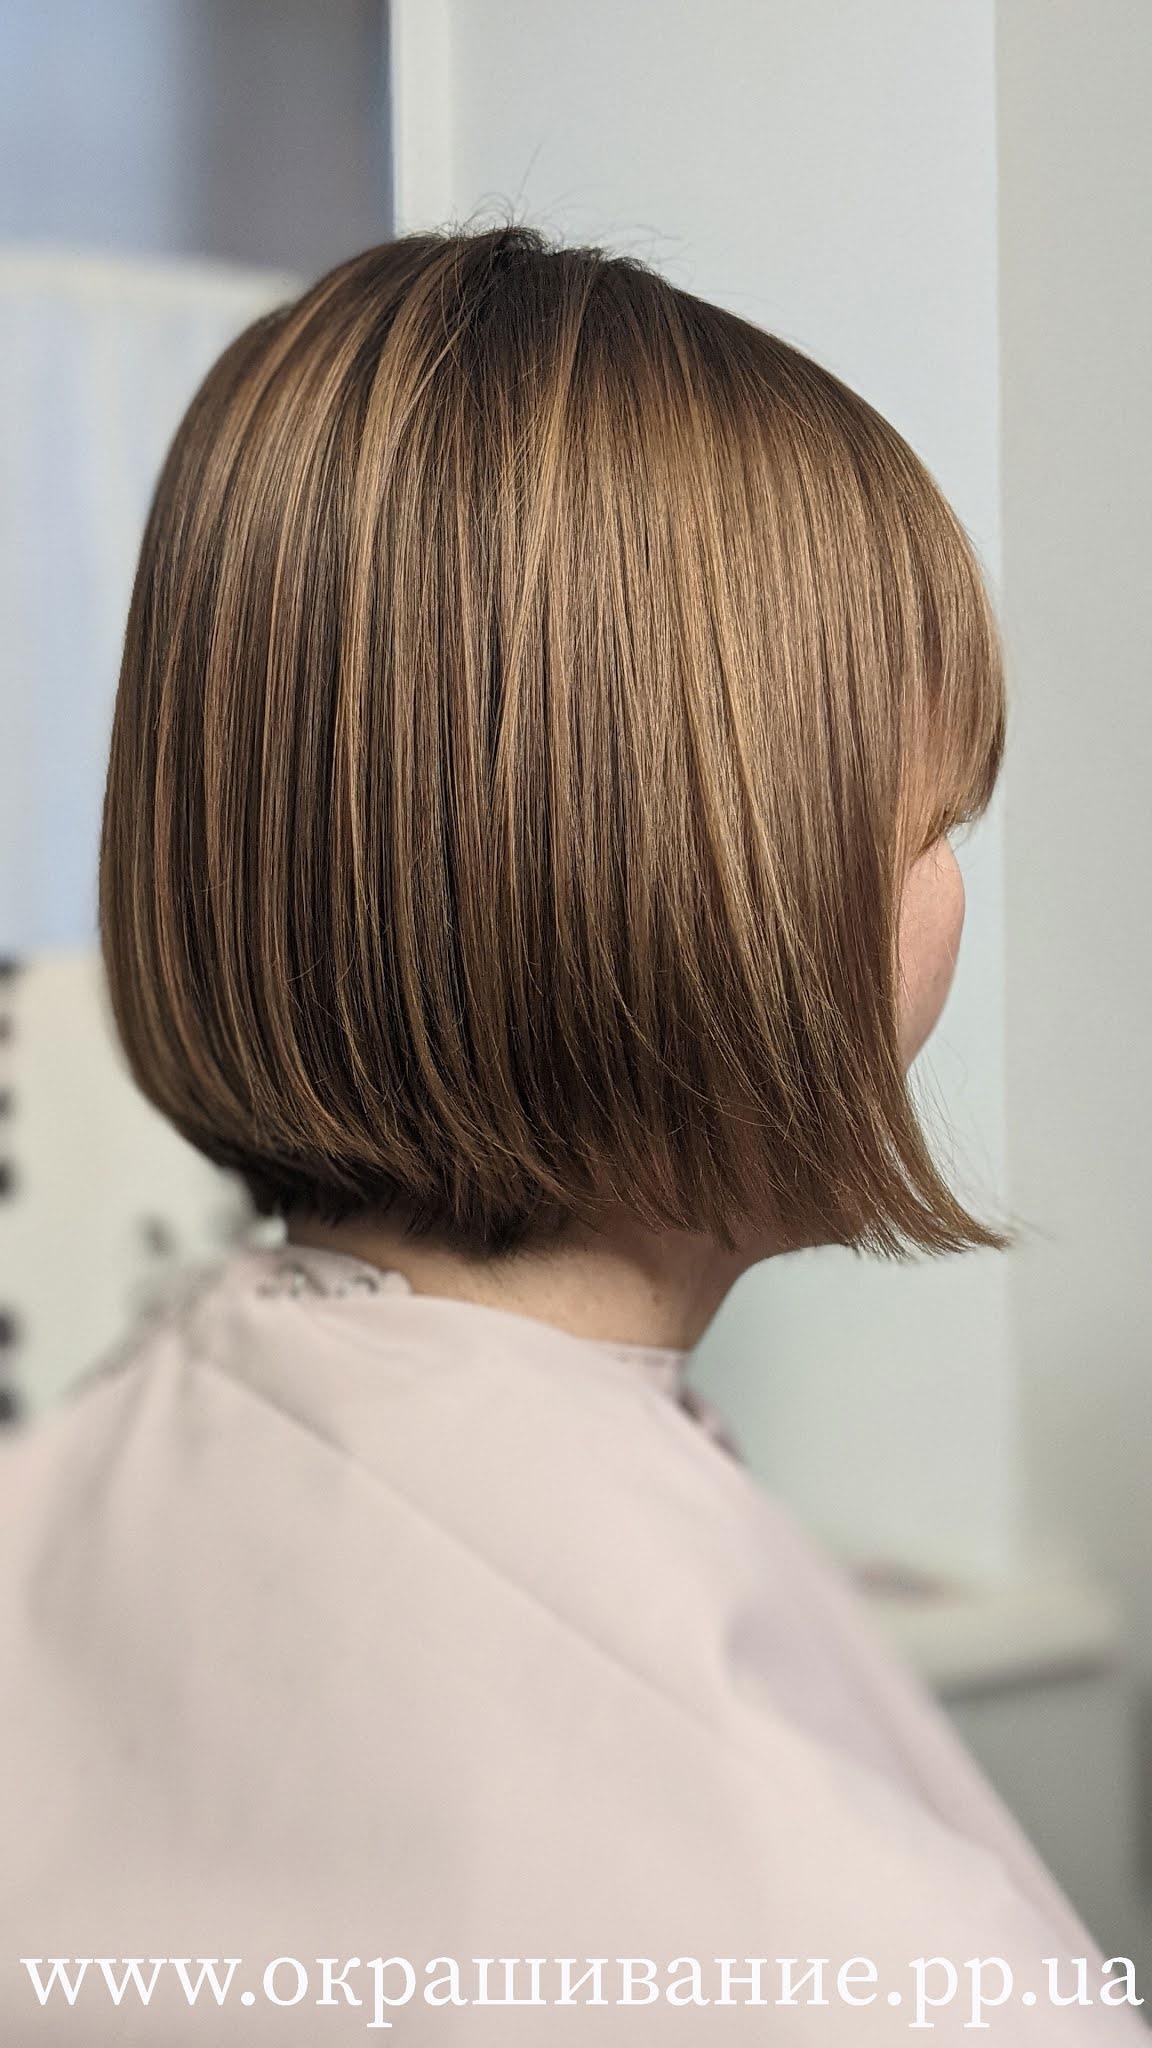 Процедура для волос - Харьков